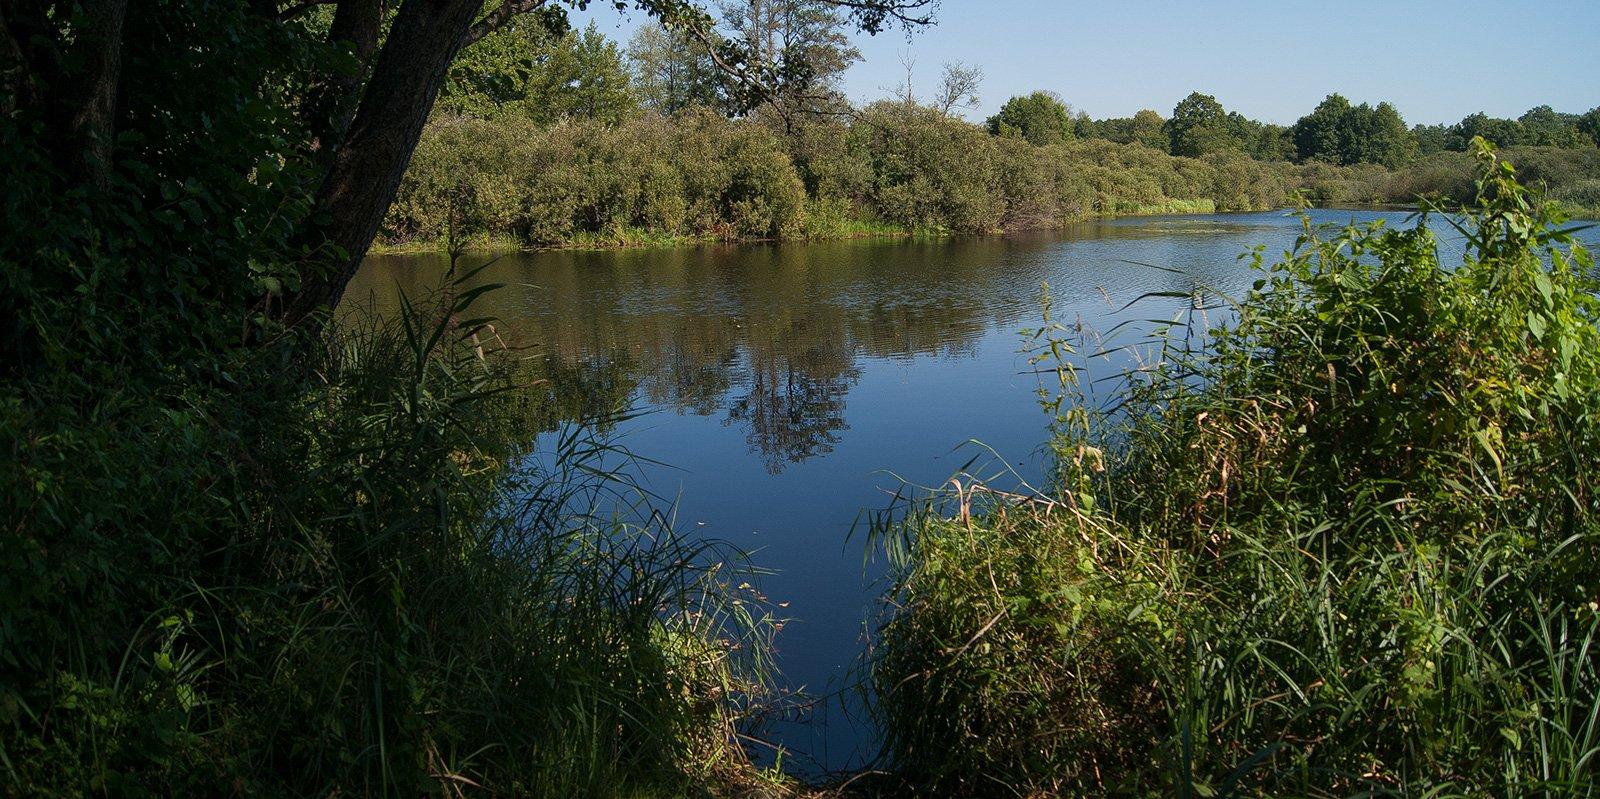 берега озера сильно заросли